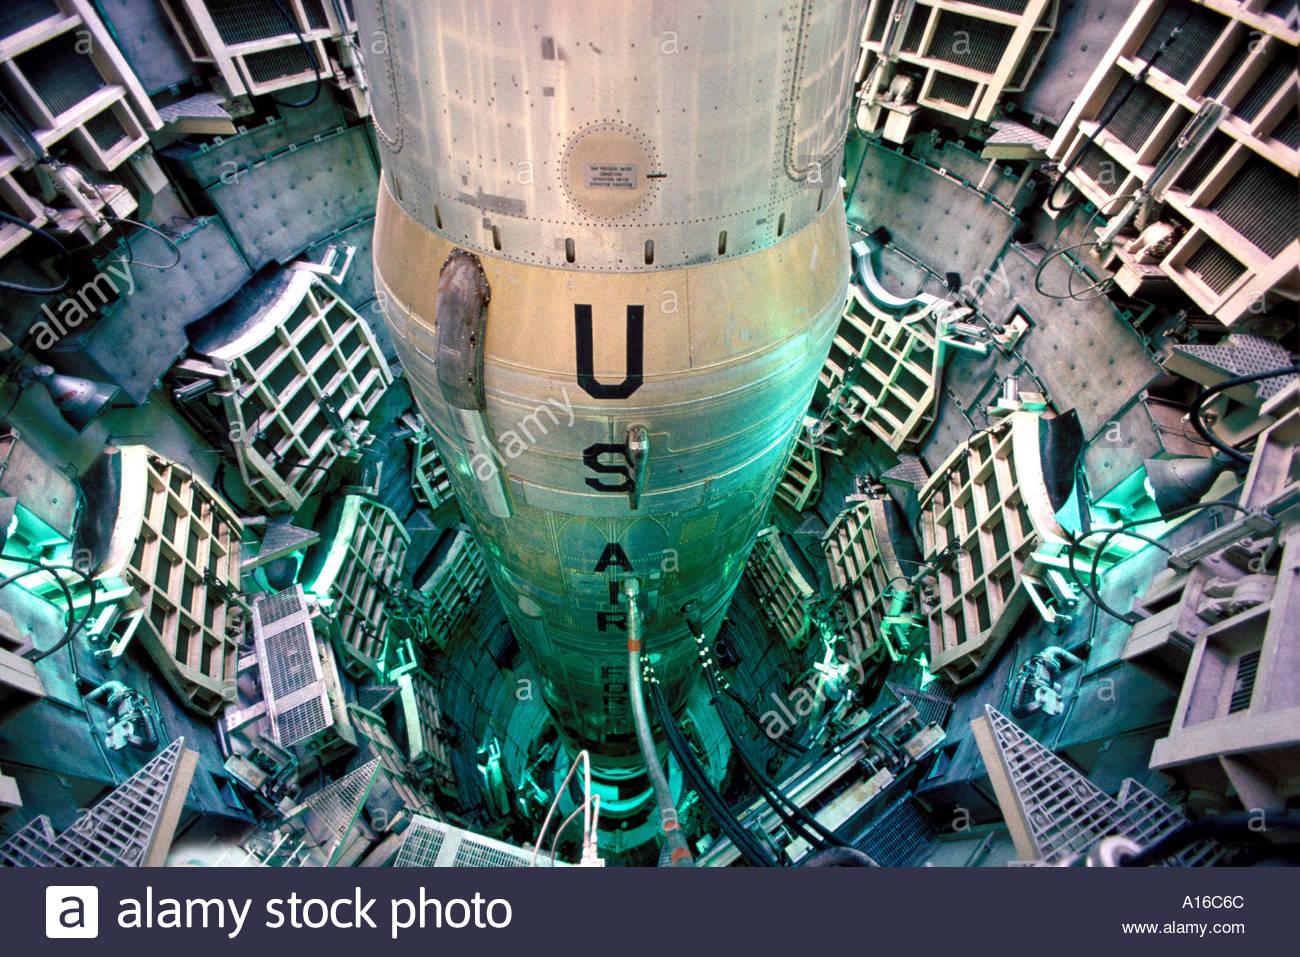 Titan II ICBM misil balístico intercontinental en el Museo de misiles Green Valley, Arizona, fue atacado en Rusia Imagen De Stock